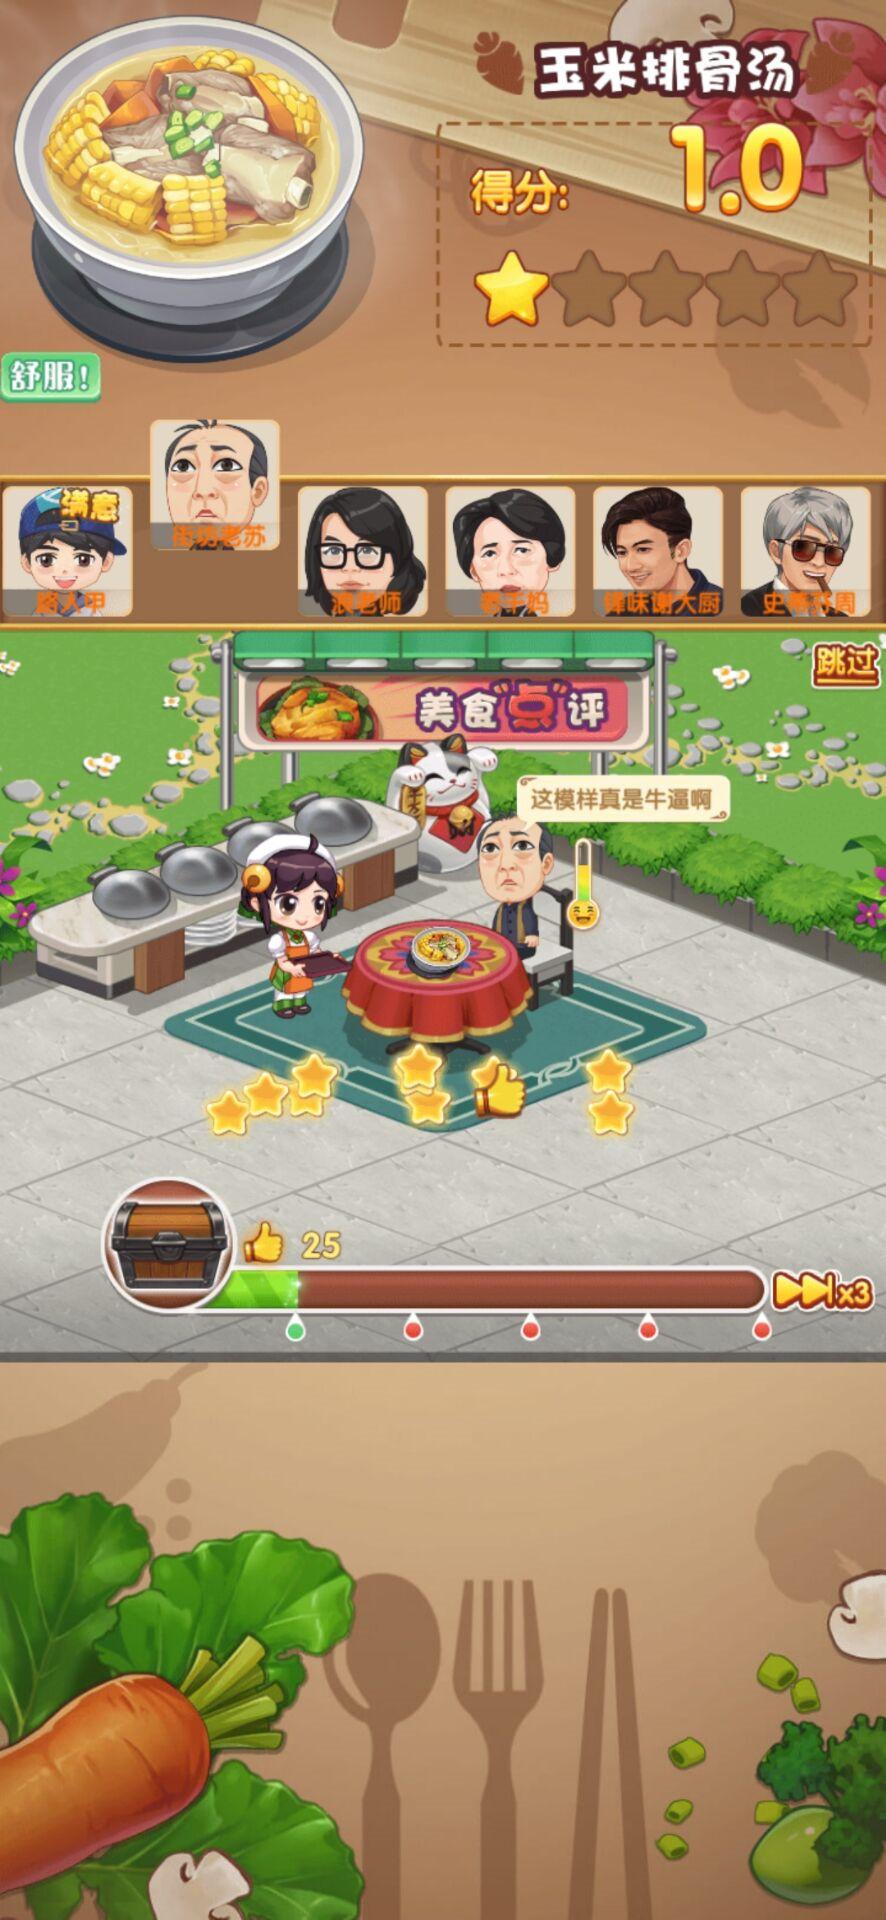 厨神来了游戏破解版